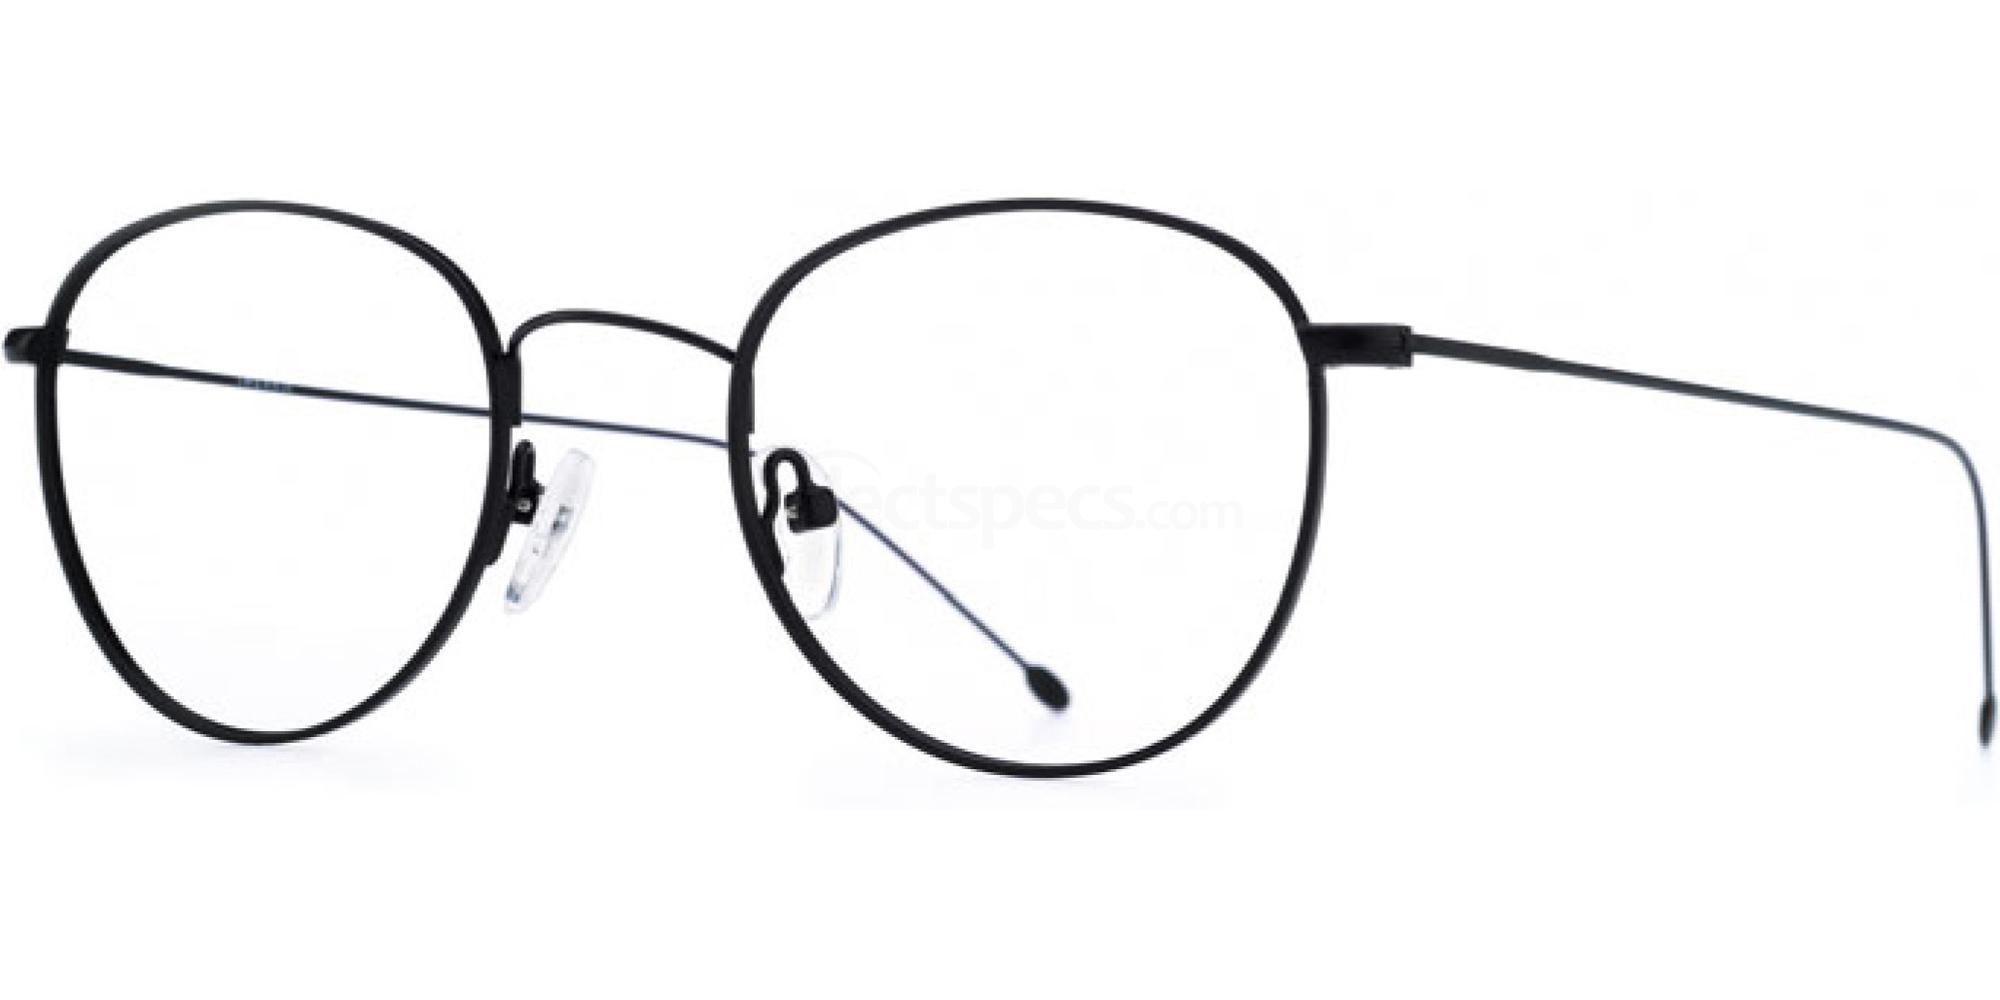 C2 i Wear 6065 Glasses, i Wear